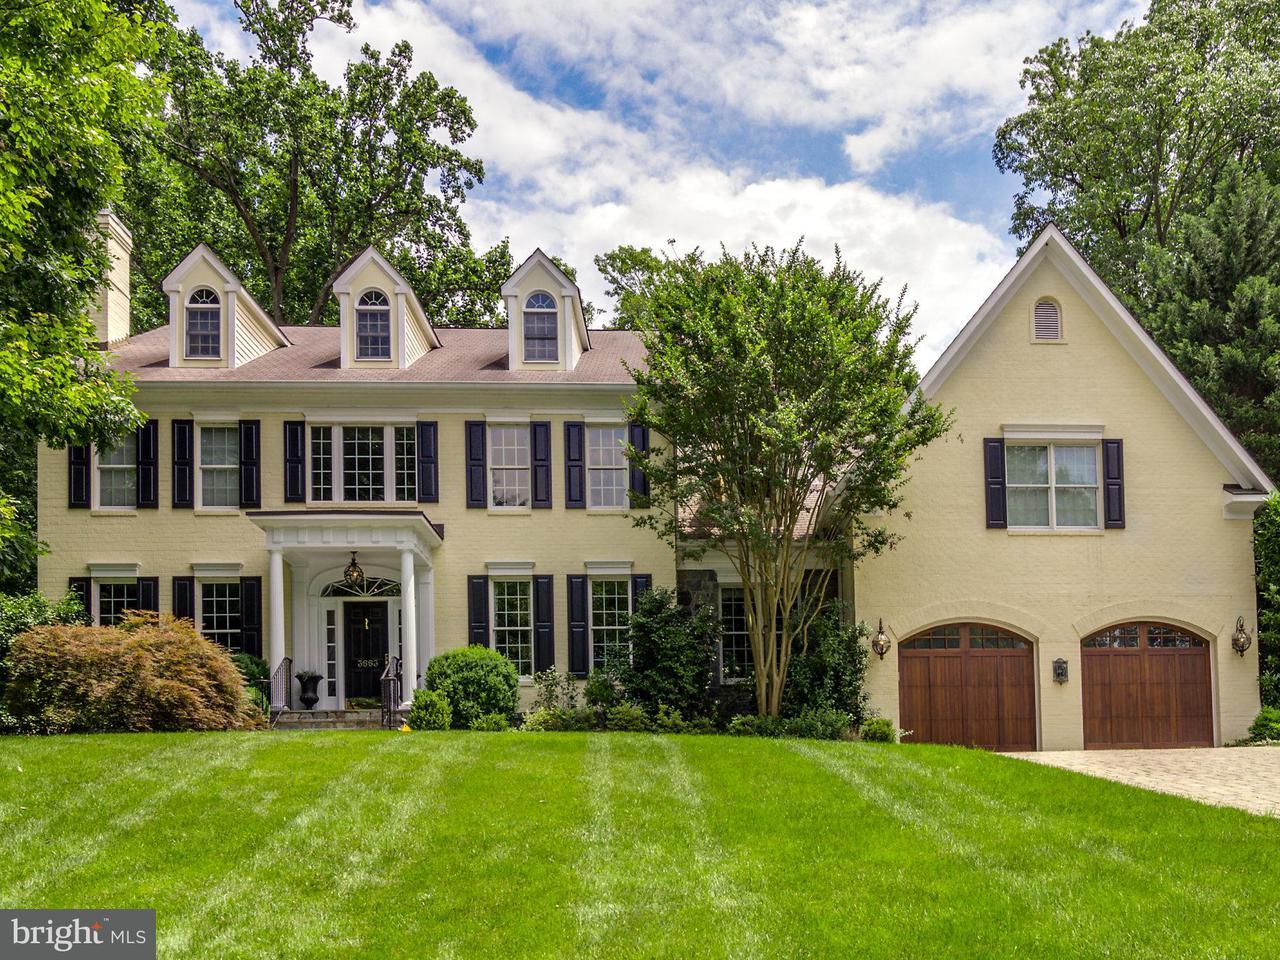 Maison unifamiliale pour l Vente à 3663 Monroe St N 3663 Monroe St N Arlington, Virginia 22207 États-Unis